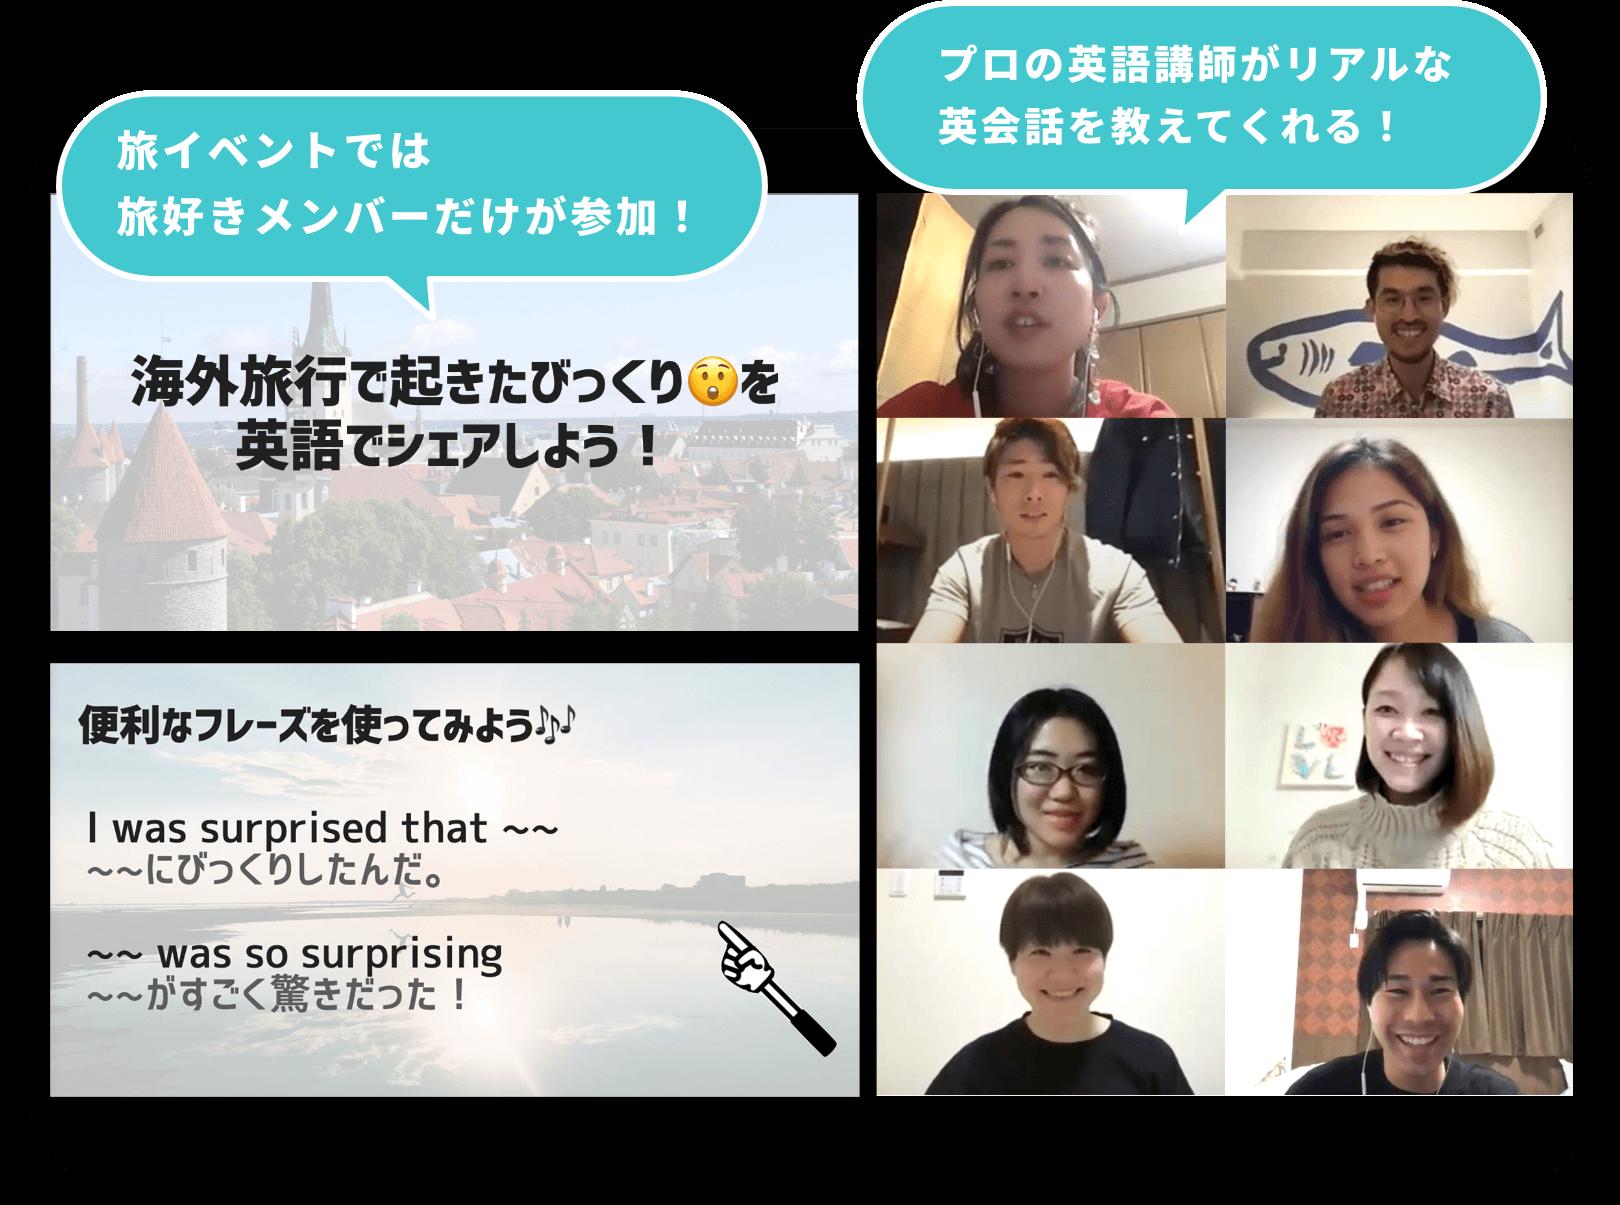 プロの英語講師がリアルな英会話を教えてくれる!旅イベントでは旅好きメンバーだけが参加!